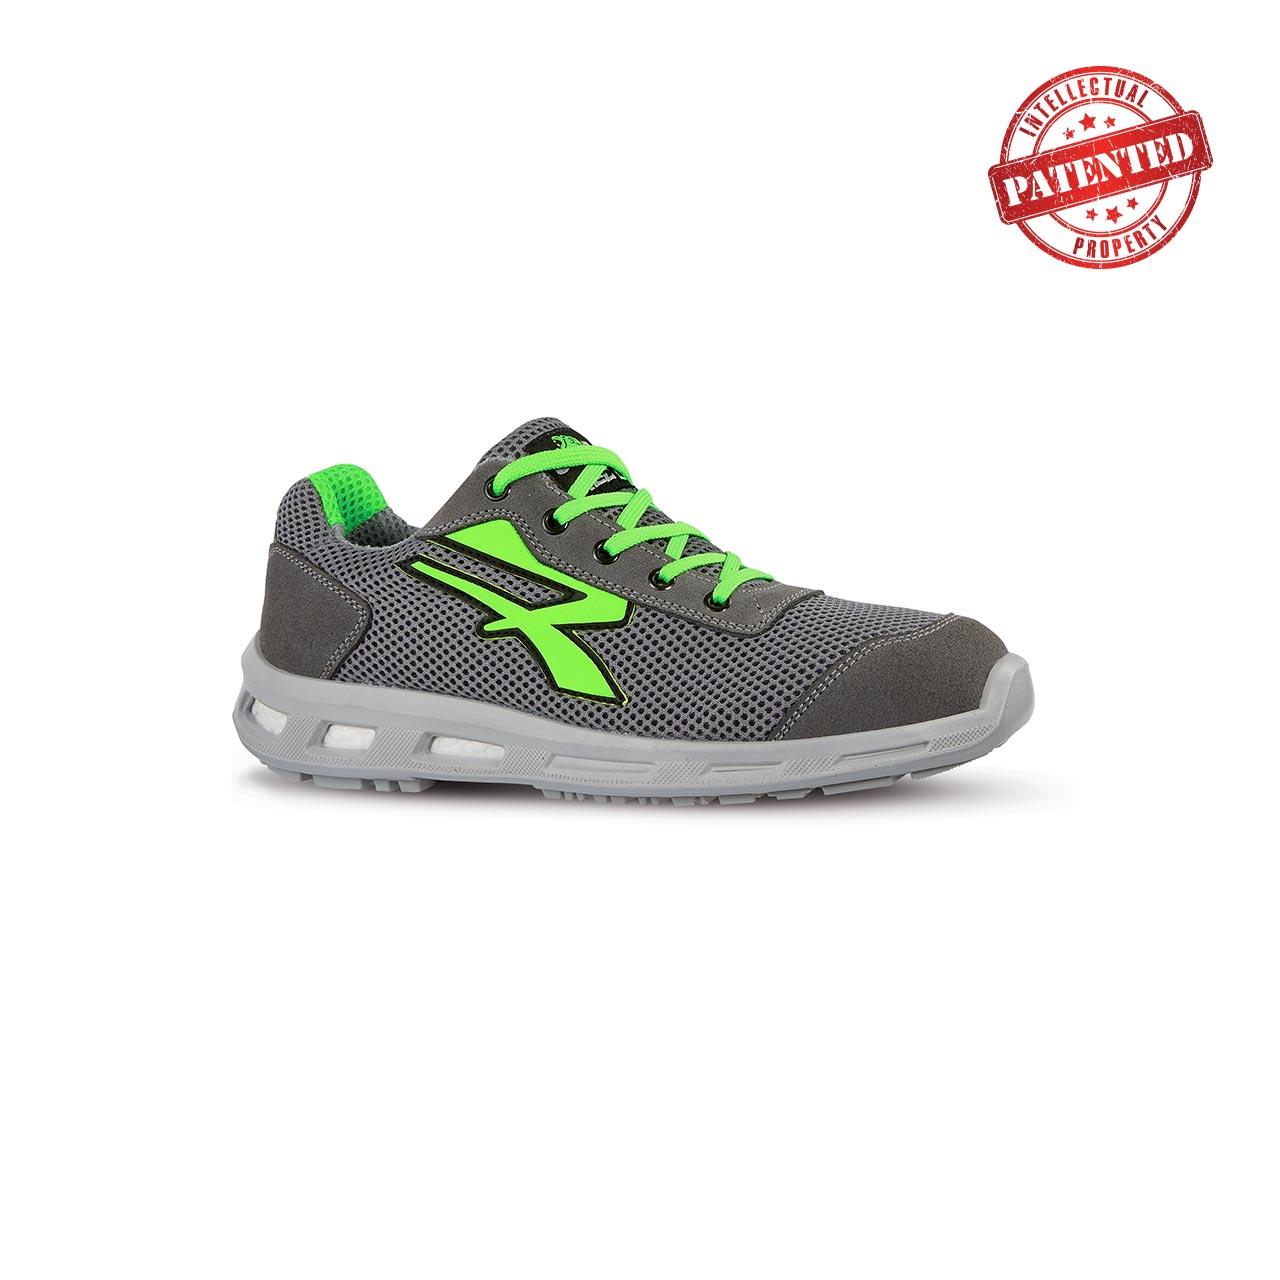 scarpa antinfortunistica upower modello summer linea redlion vista laterale